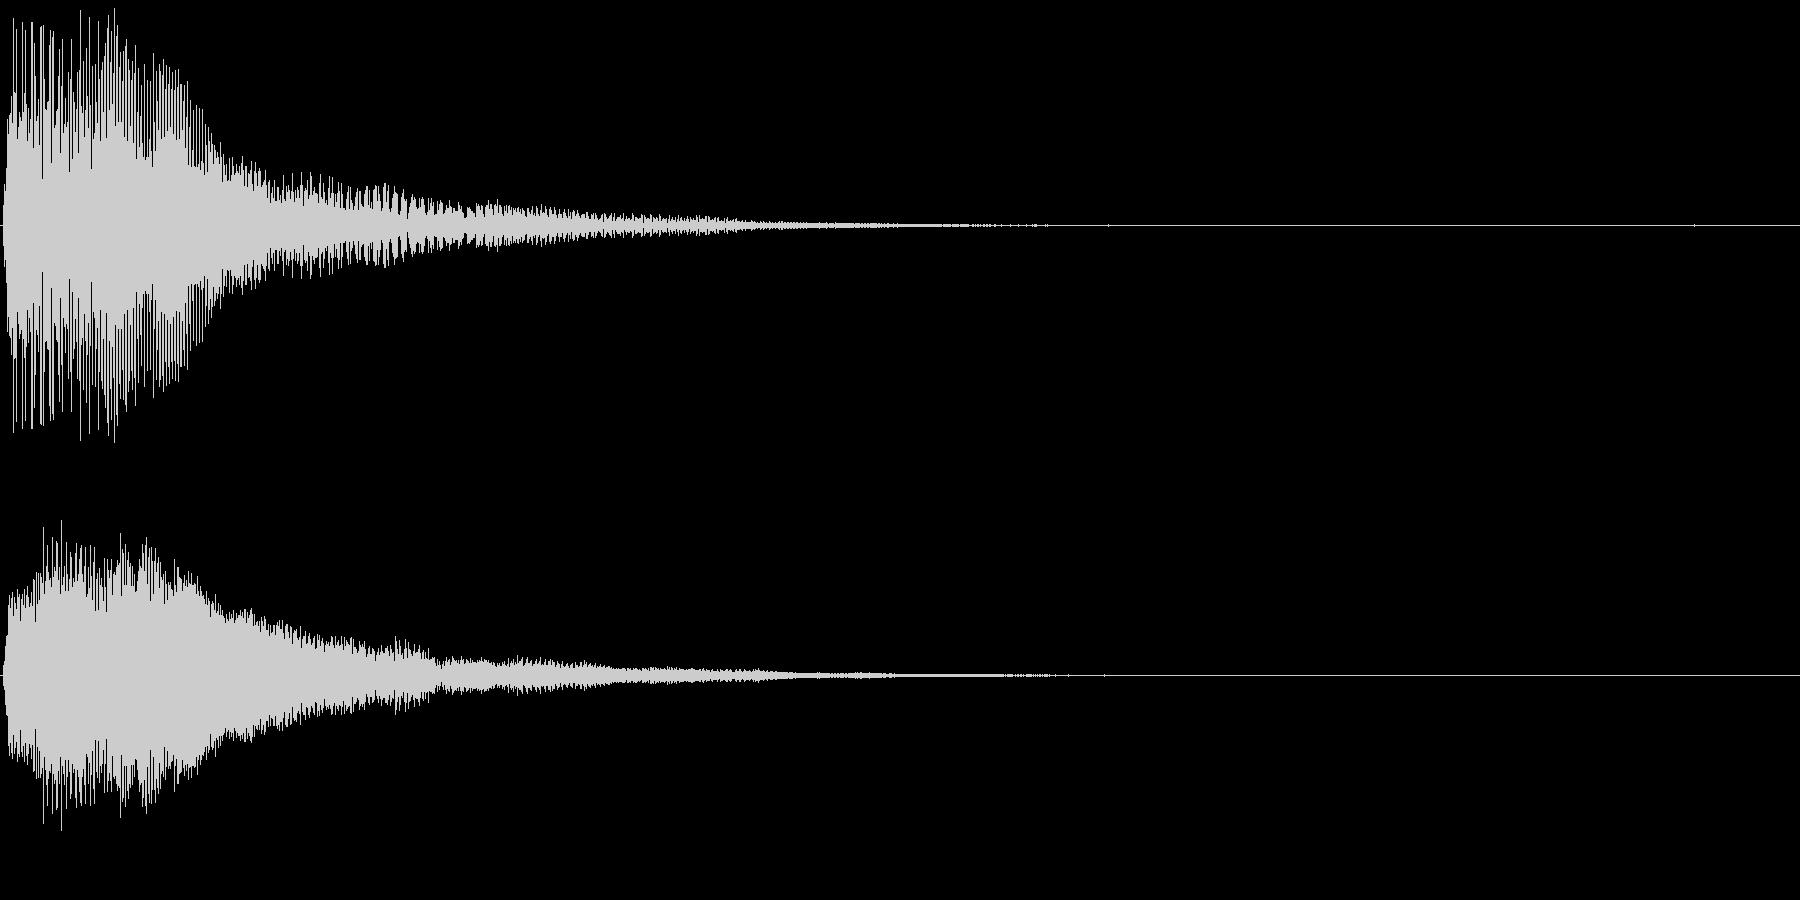 ファーン ポーン 変化 お知らせ 効果音の未再生の波形